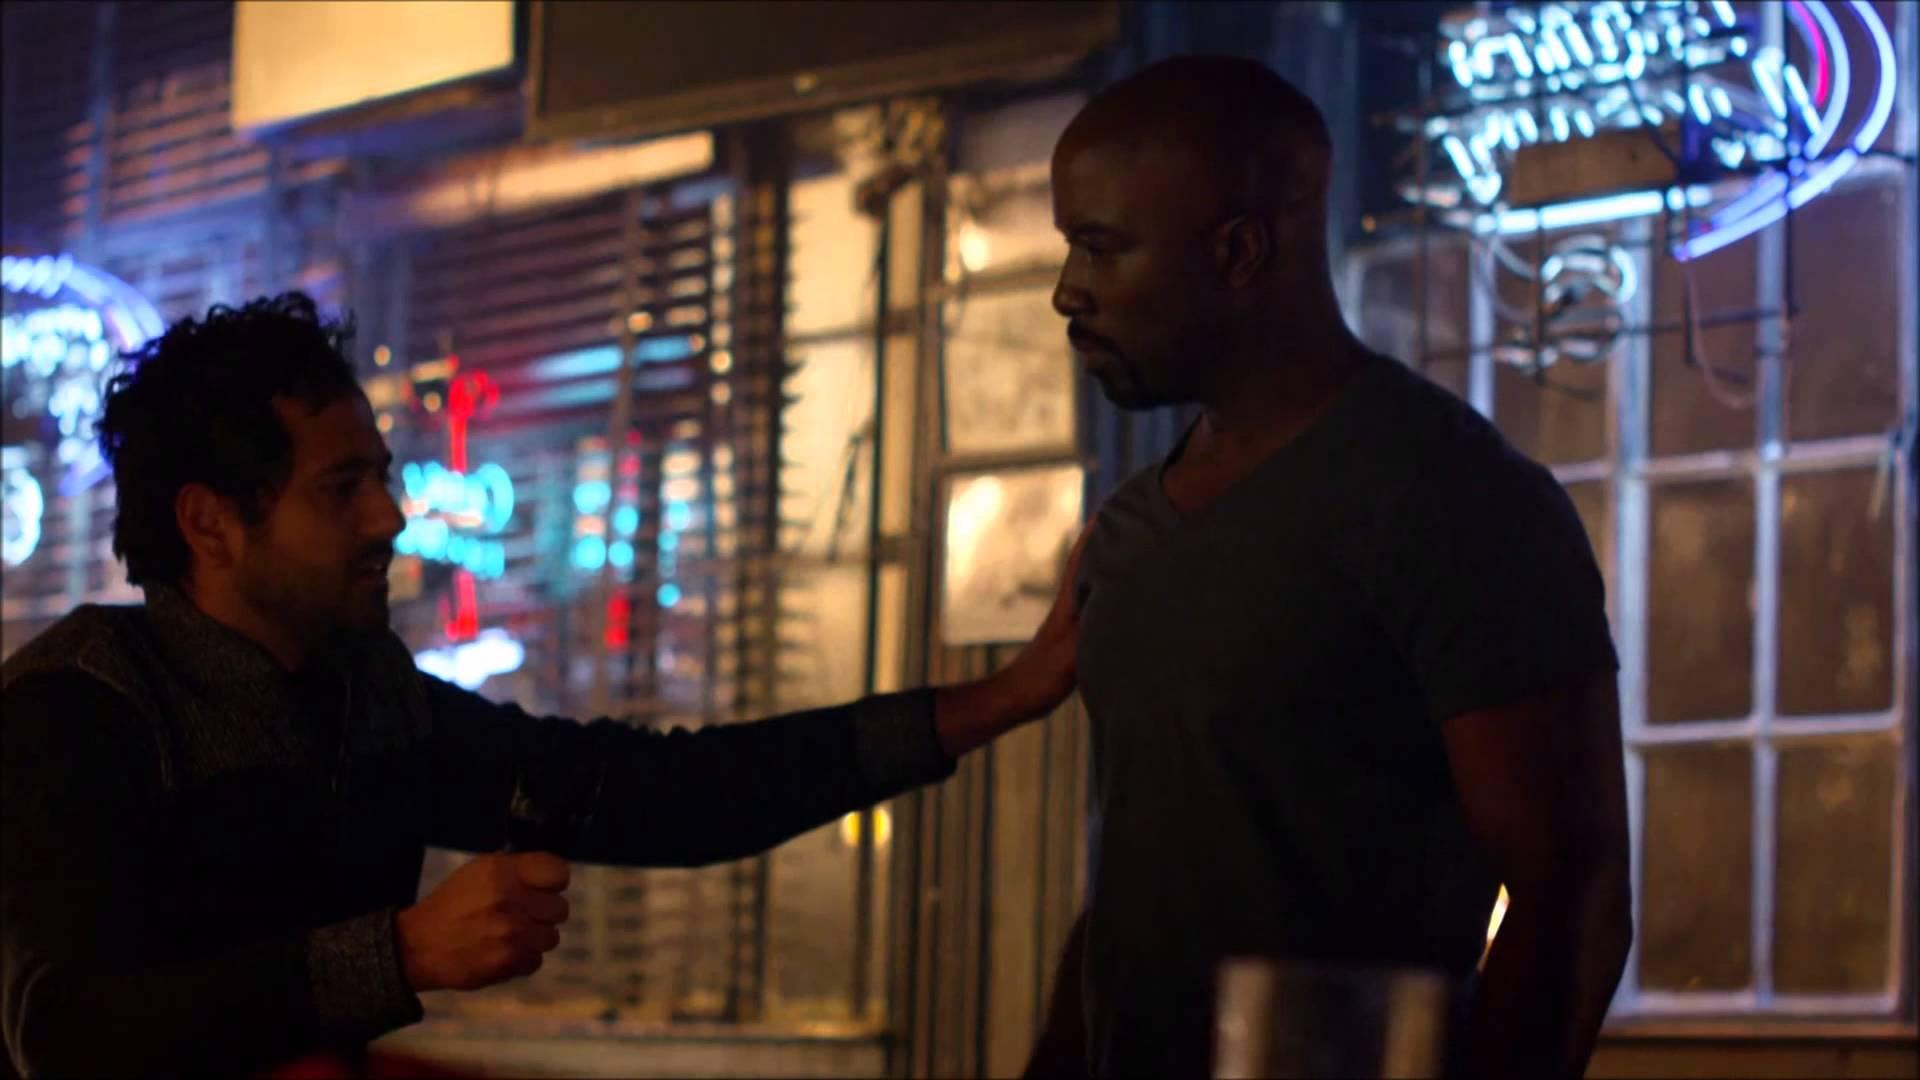 Jessica Jones and Luke Cage bar fight 1920x1080